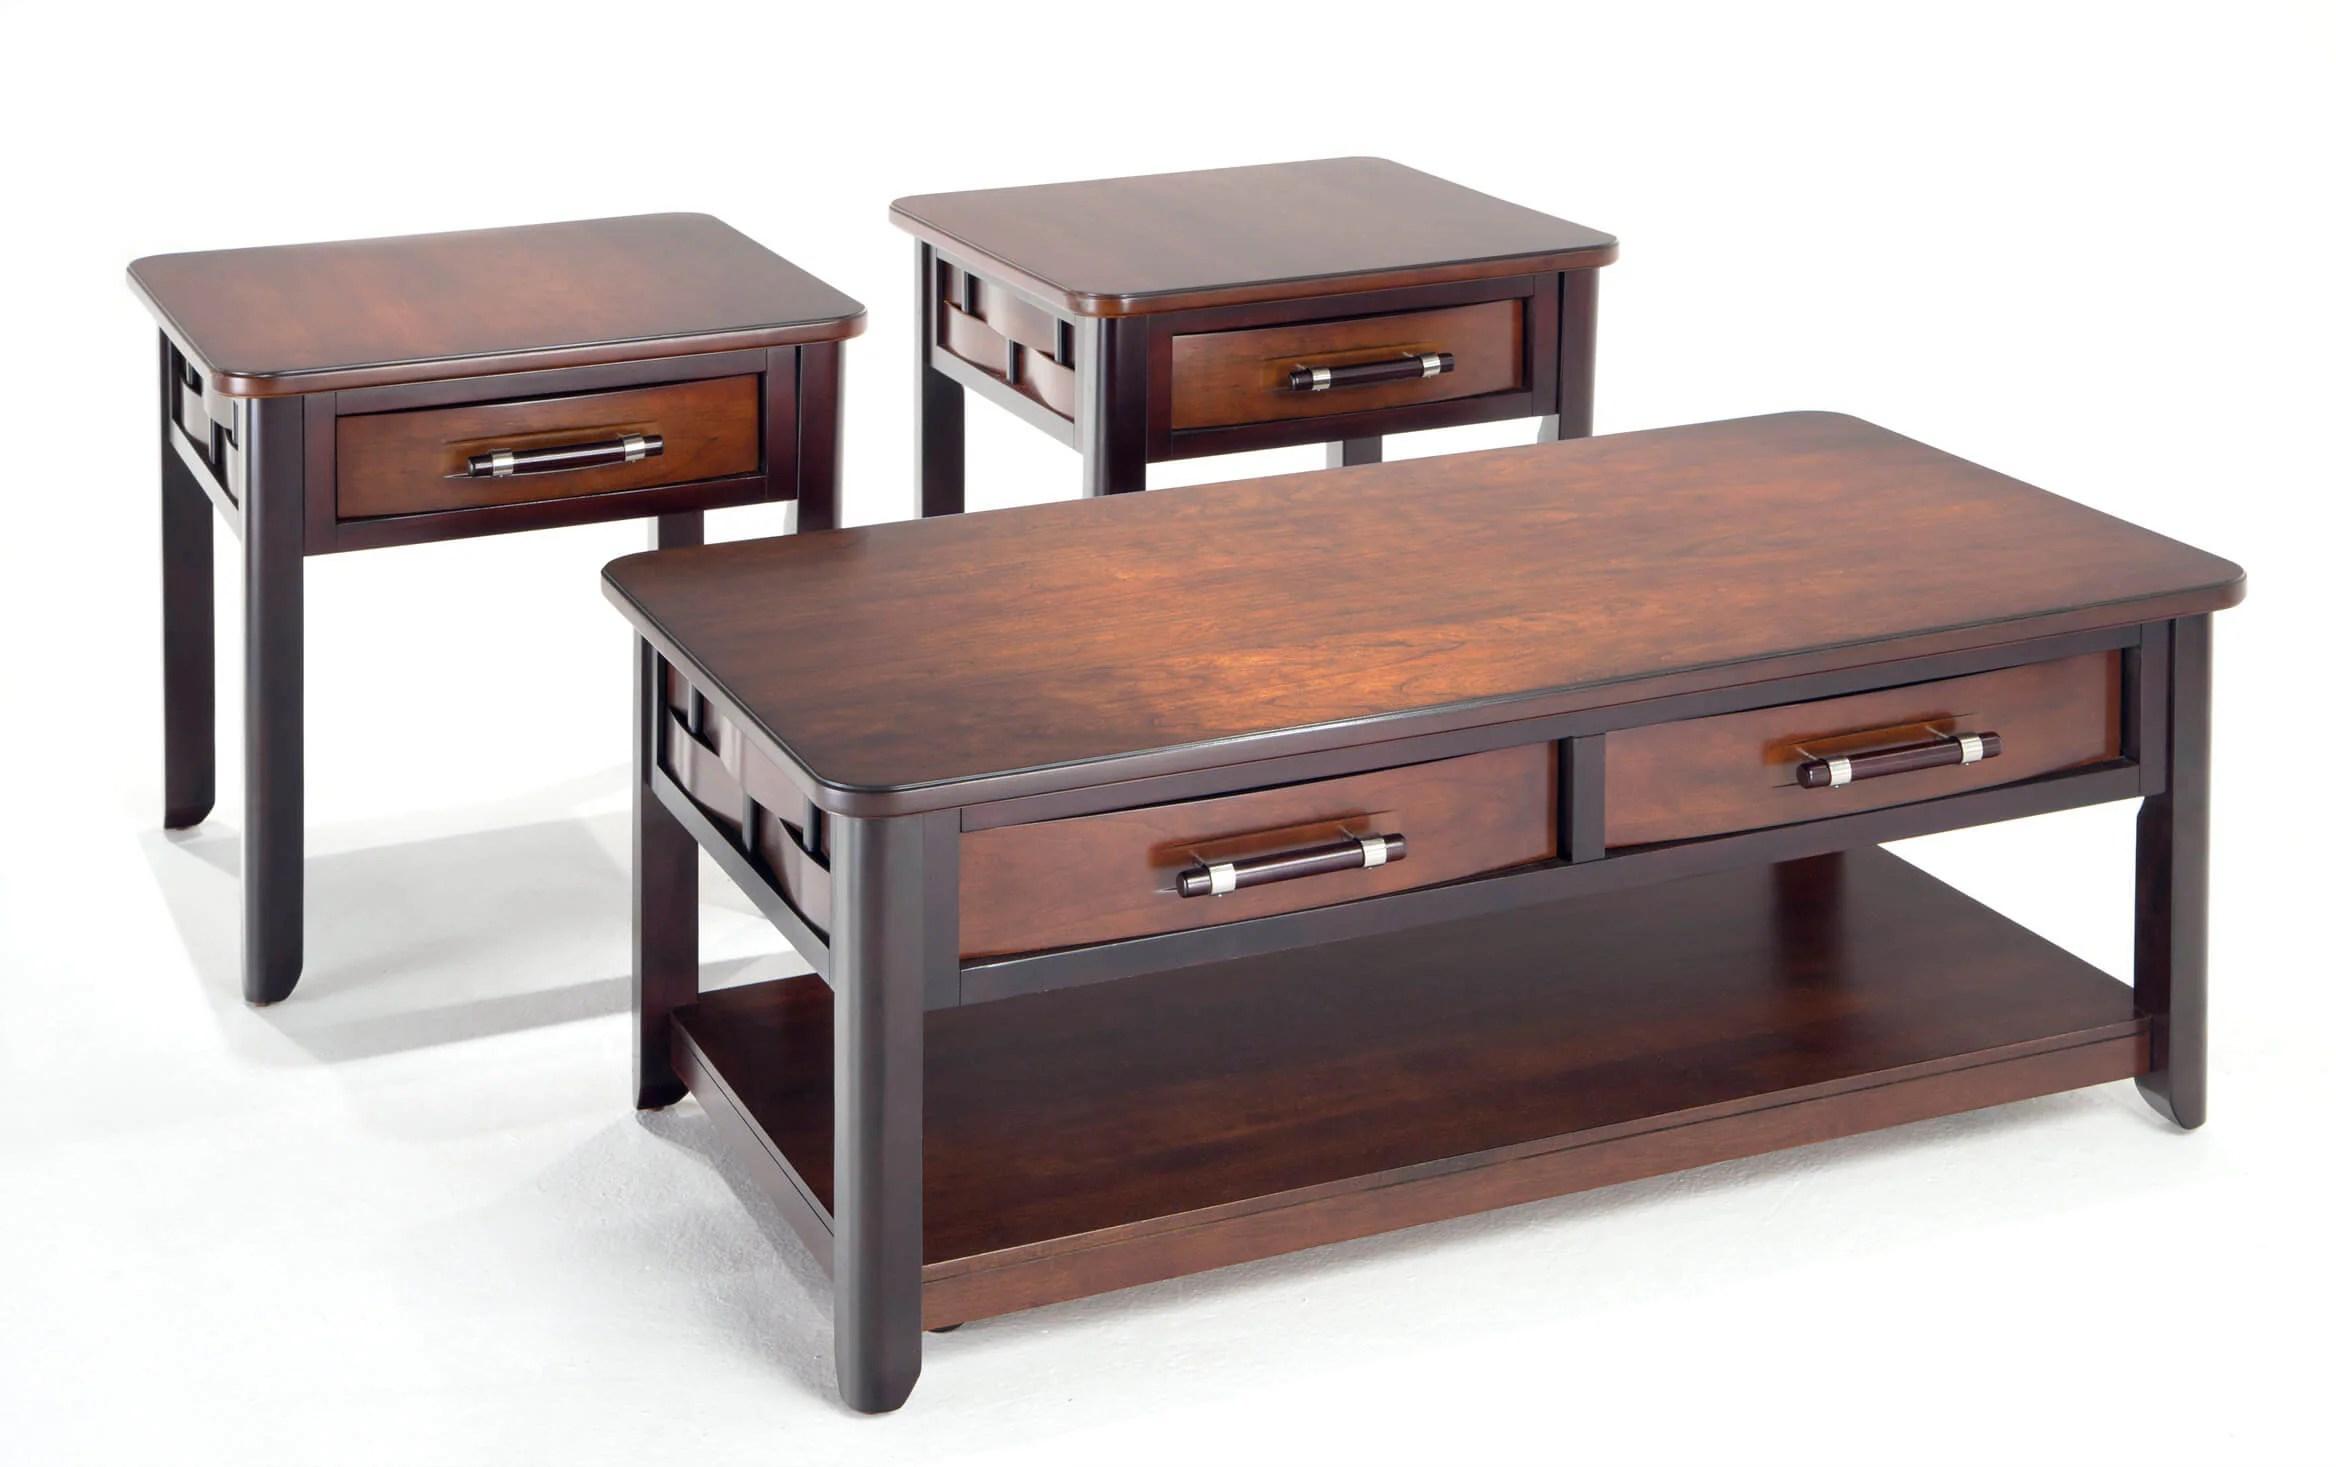 Dream Weaver Cherry Espresso Coffee Table Set Bobs Com